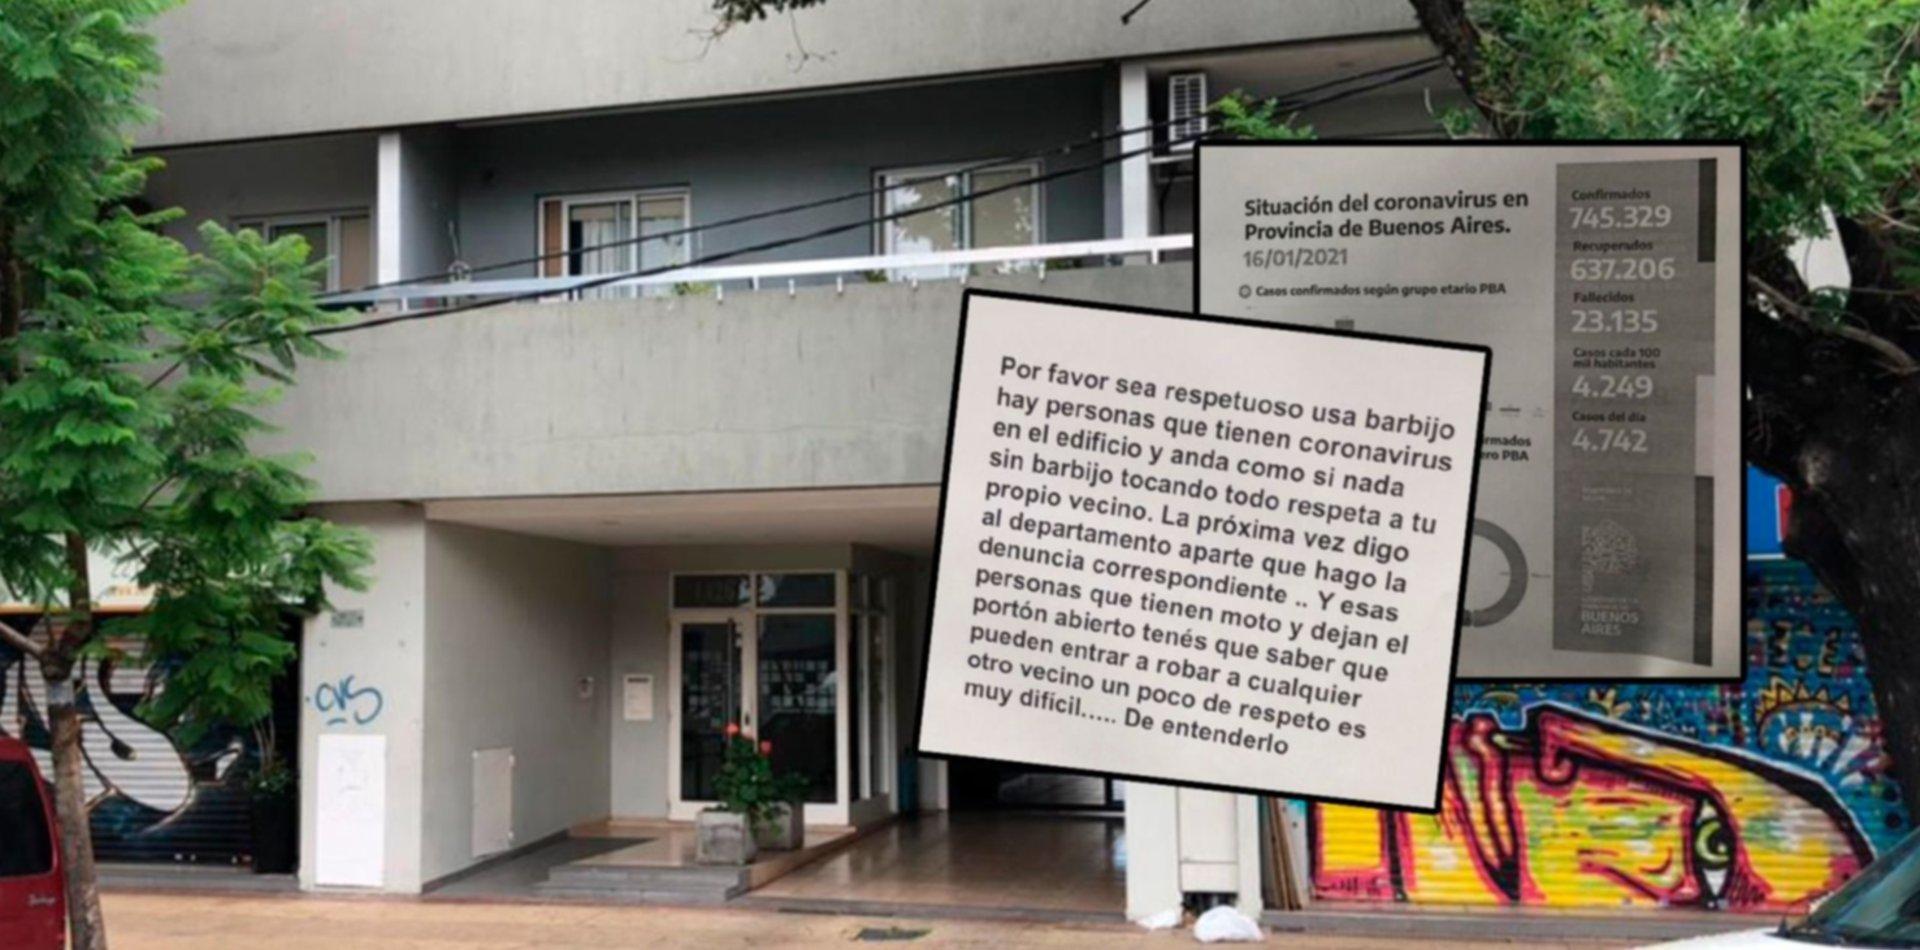 """Arde un edificio de La Plata por vecinos con coronavirus que """"andan como si nada"""""""